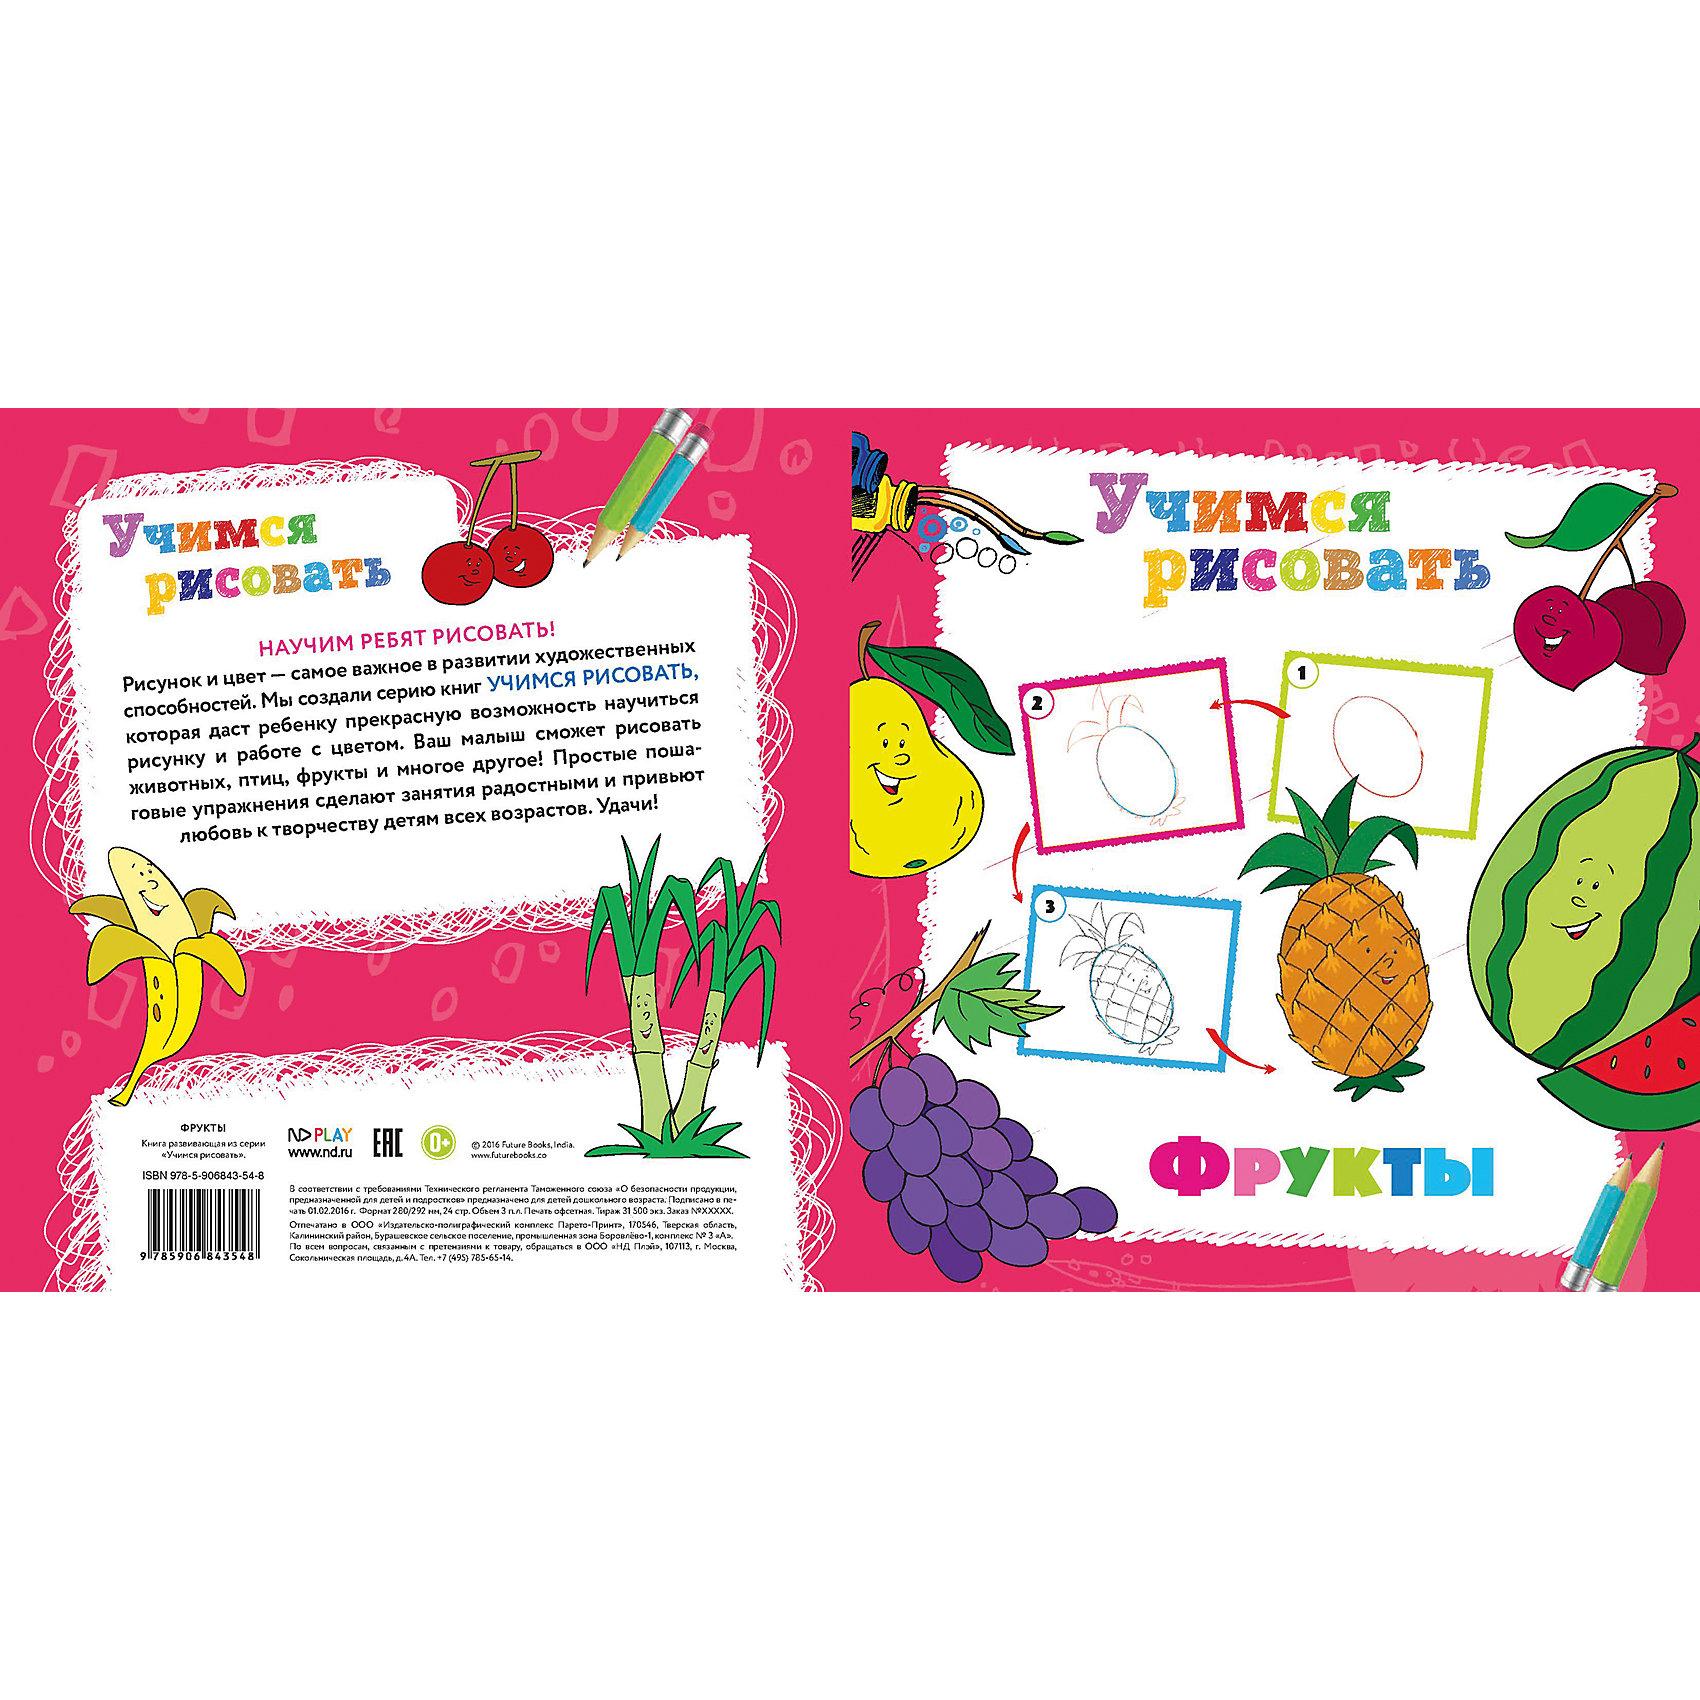 Новый Диск Книга Фрукты Учимся рисовать nd play книга учимся рисовать транспорт